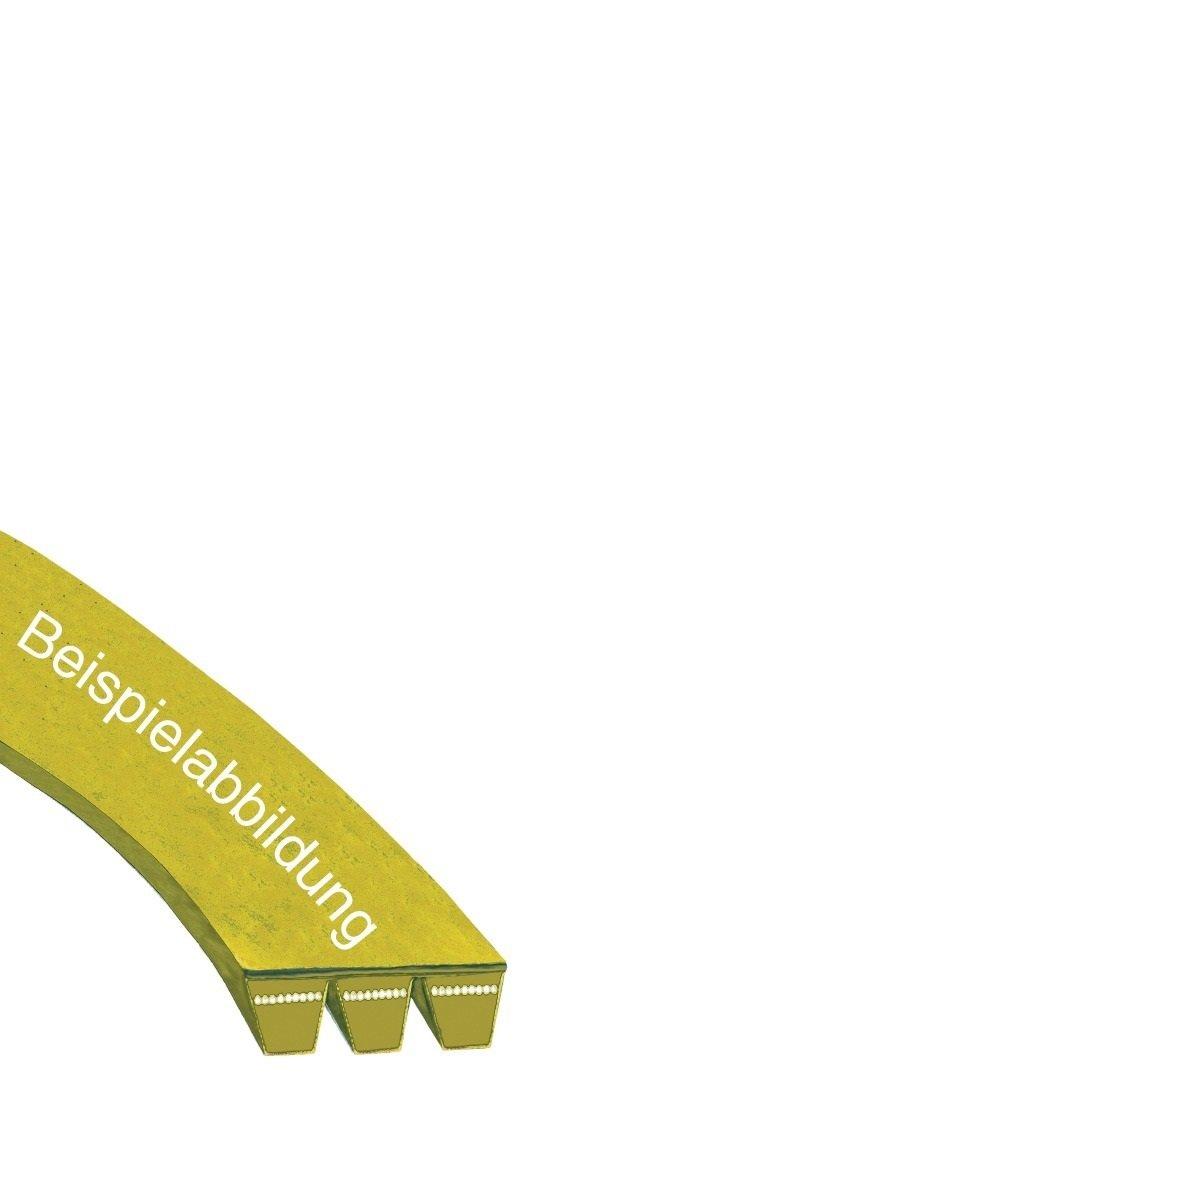 Keilrippenriemen Riemen 1255 PJ 5 E Waschmaschine ORIGINAL Bosch Siemens 439490